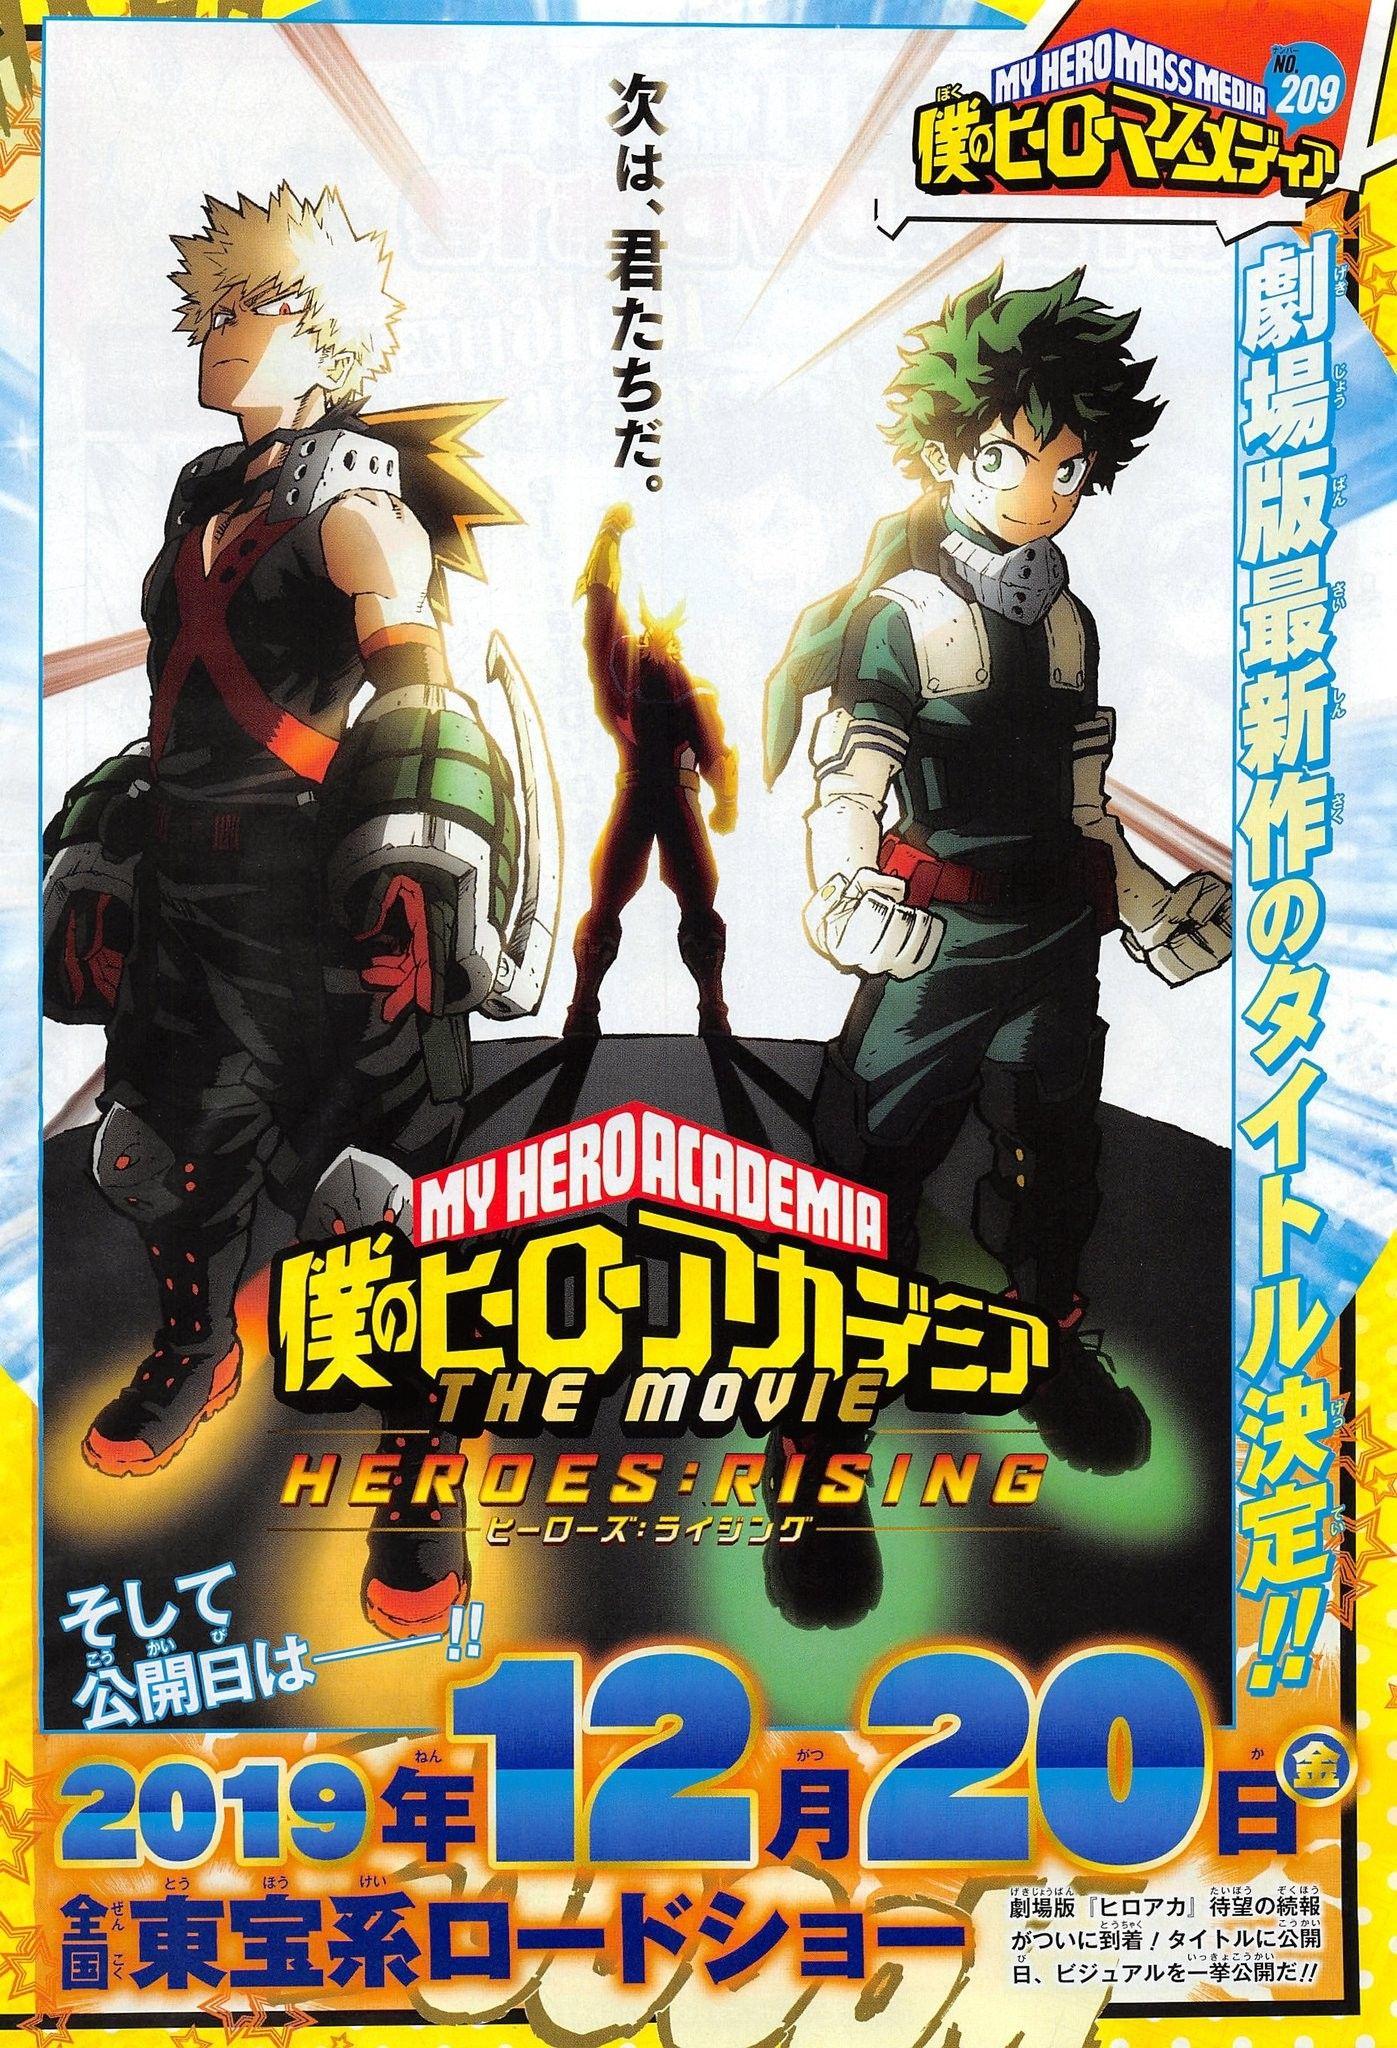 My Hero Academia The Movie Heroes Rising New Key Visual It Opens December 20th In Japan Hero My Hero Hero Movie